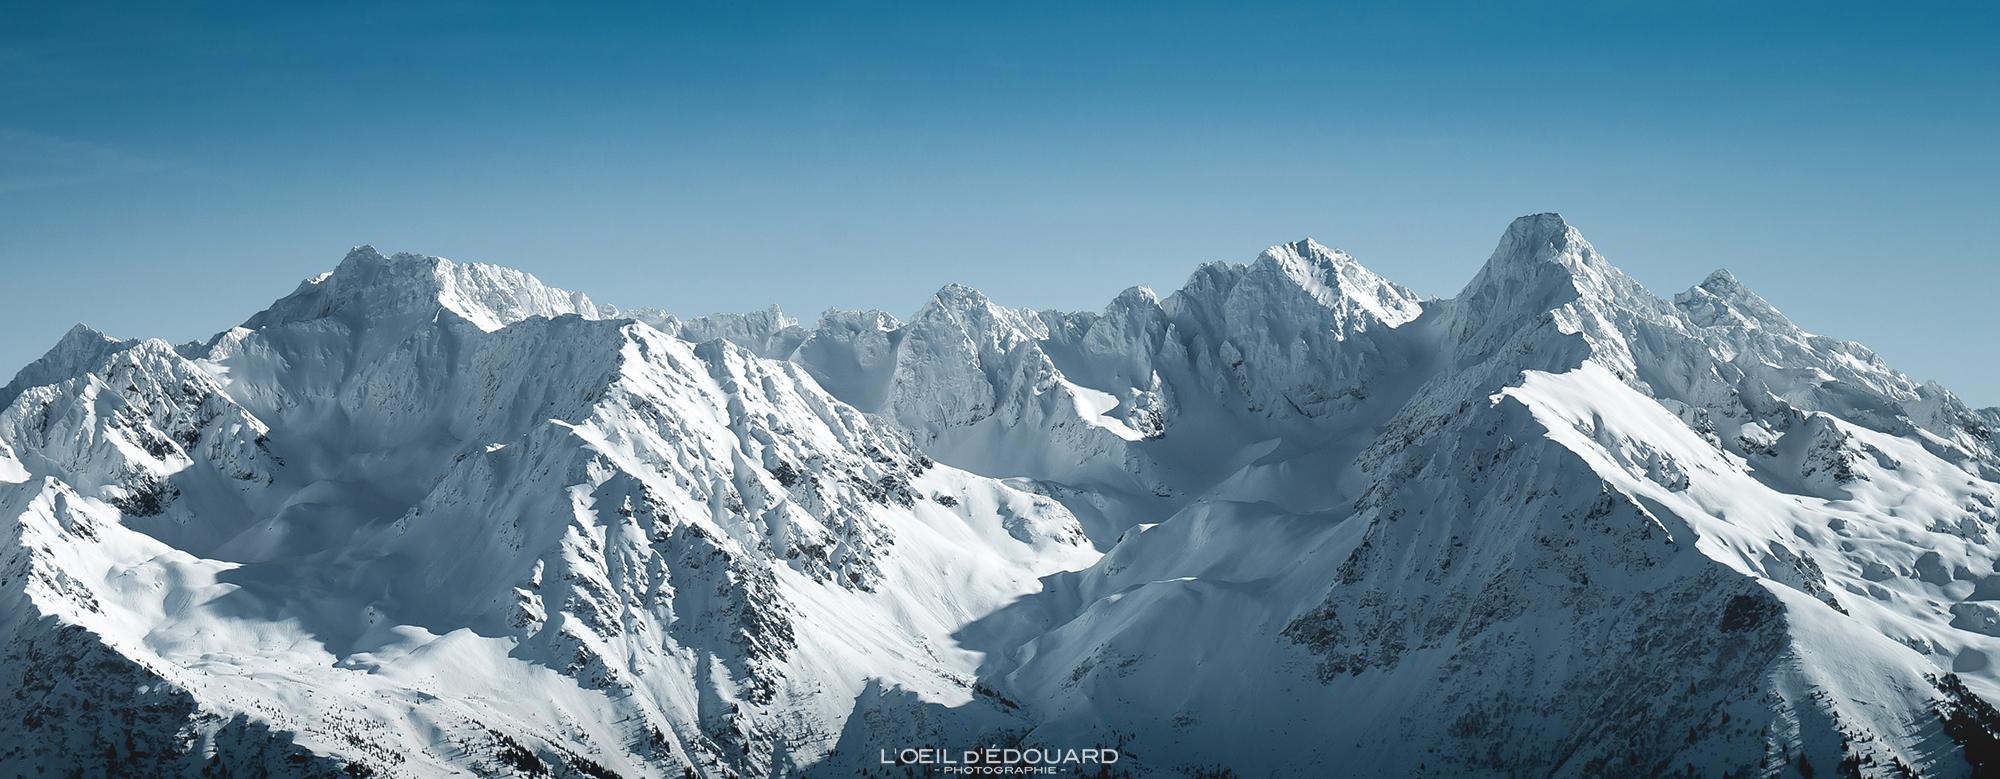 Panorama Chaine de Belledonne Nord Savoie Isère Alpes Paysage Montagne Hiver Outdoor Mountain Landscape Winter snow summit © L\\\\\\\\\\\\\\\\\\\\\\\\\\\\\\\\\\\\\\\\\\\\\\\\\\\\\\\\\\\\\\\'Oeil d\\\\\\\\\\\\\\\\\\\\\\\\\\\\\\\\\\\\\\\\\\\\\\\\\\\\\\\\\\\\\\\'Édouard - Tous droits réservés